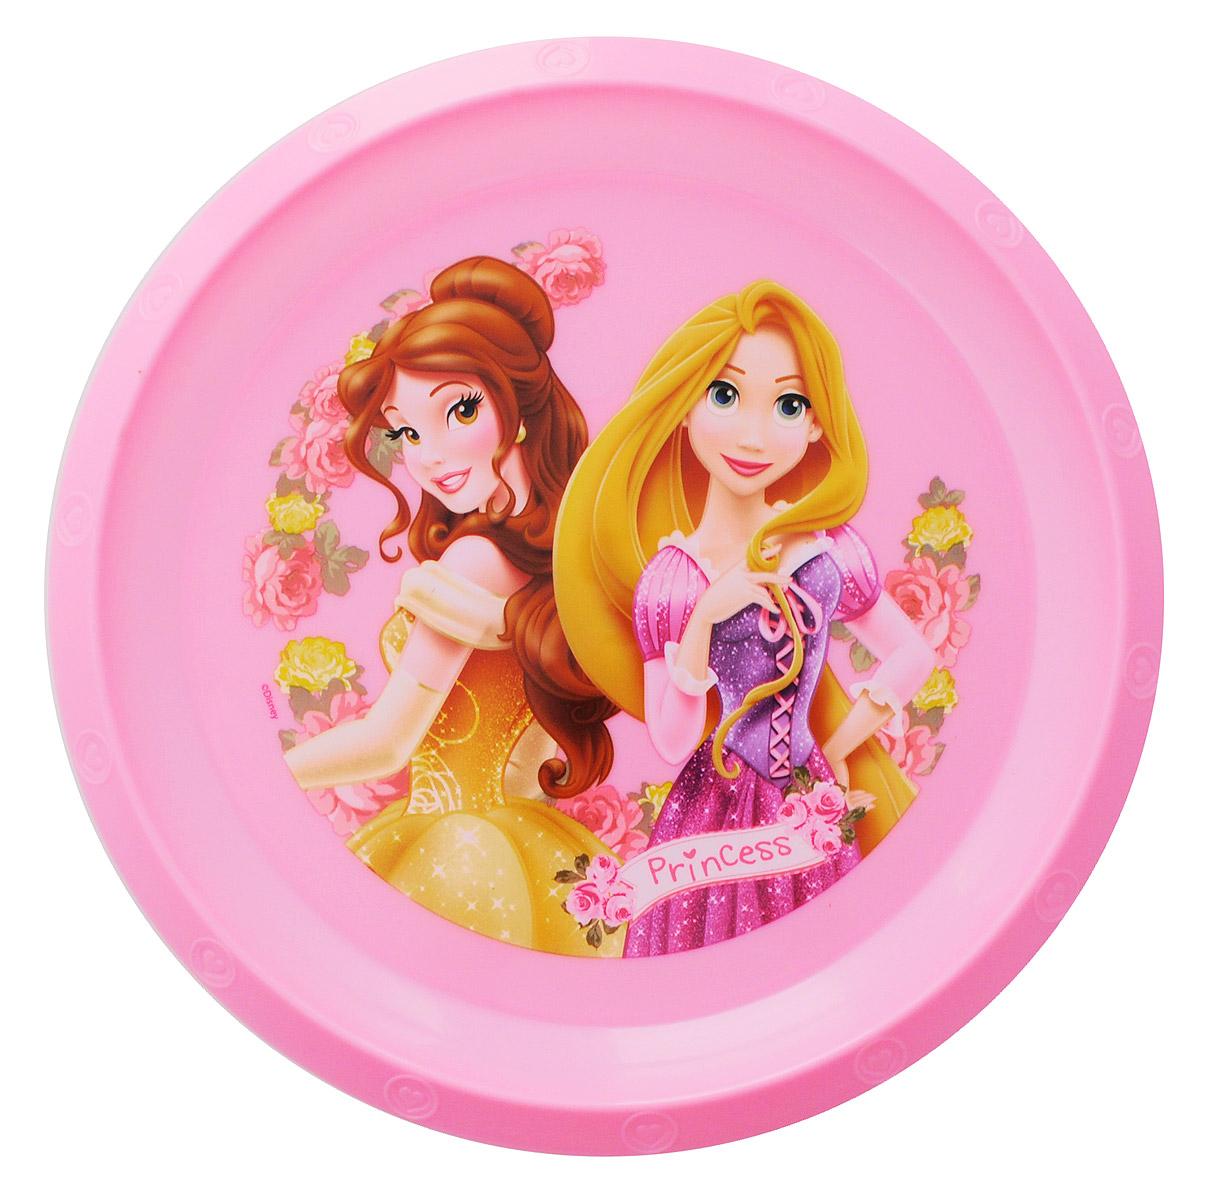 Disney Тарелка детская Принцессы Белль и Рапунцель4601137131719Детская тарелка Disney Принцессы Белль и Рапунцель идеально подойдет для кормления малыша и самостоятельного приема им пищи.Тарелка выполнена из безопасного полипропилена, дно оформлено высококачественным изображением принцесс из диснеевских сказок.Такой подарок станет не только приятным, но и практичным сувениром, добавит ярких эмоций вашему ребенку!Тарелка не предназначена для использования в СВЧ-печи и посудомоечной машине.